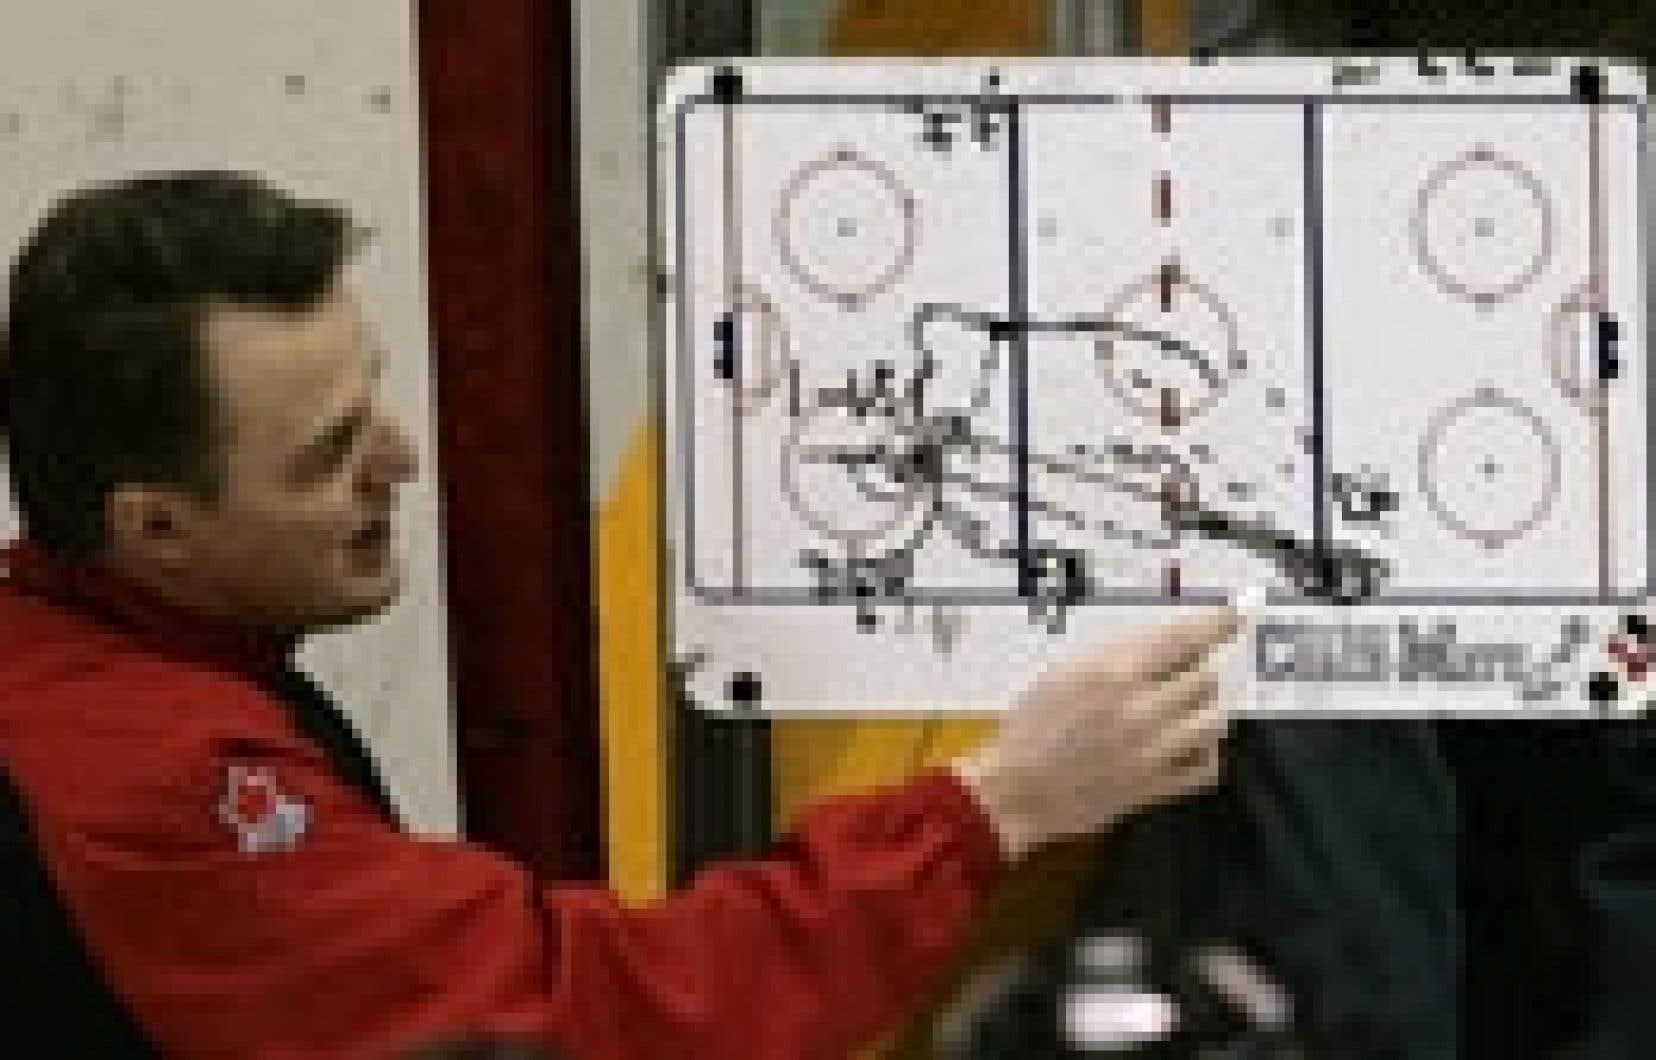 L'entraîneur de l'équipe canadienne, Marc Habscheid, expliquait quelques patrons de jeu à ses joueurs, hier à l'entraînement, en vue du Championnat du monde de hockey.